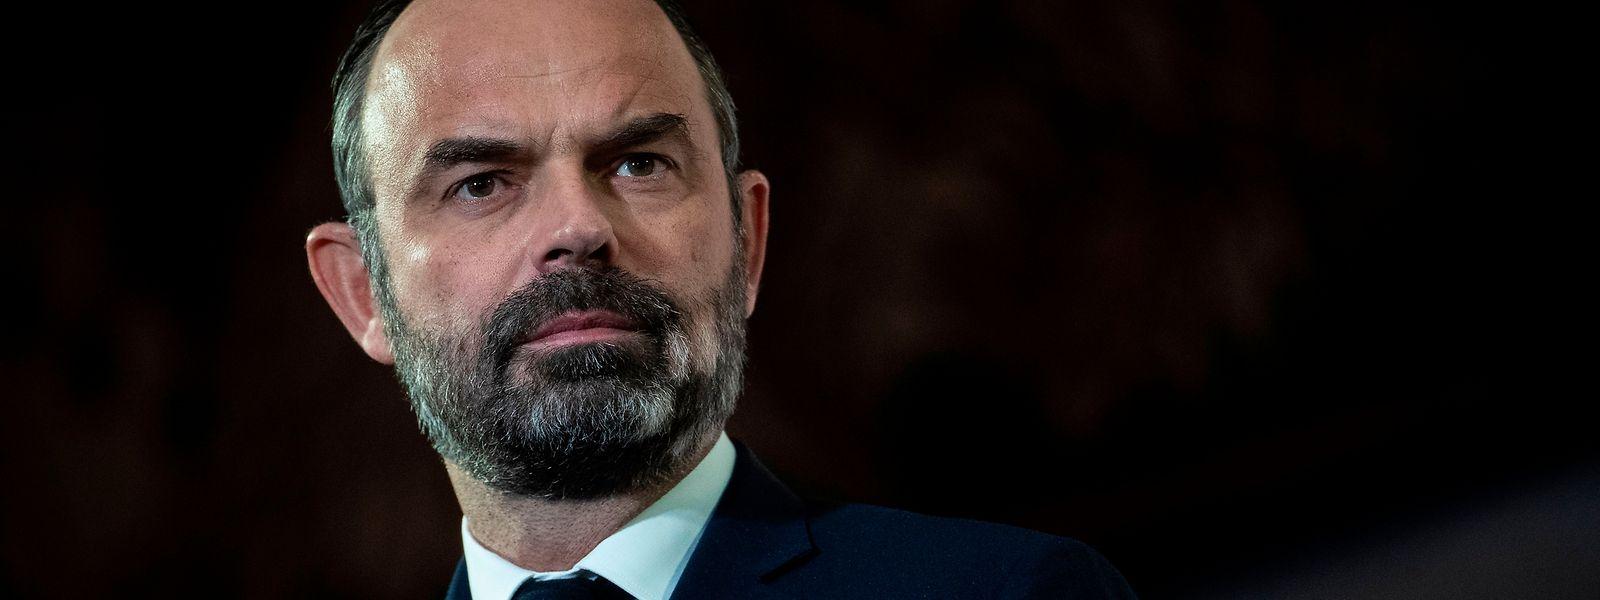 Edouard Philippe et le gouvernement français sont restés sur leurs positions. Les syndicats ont appelé à durcir la grève.